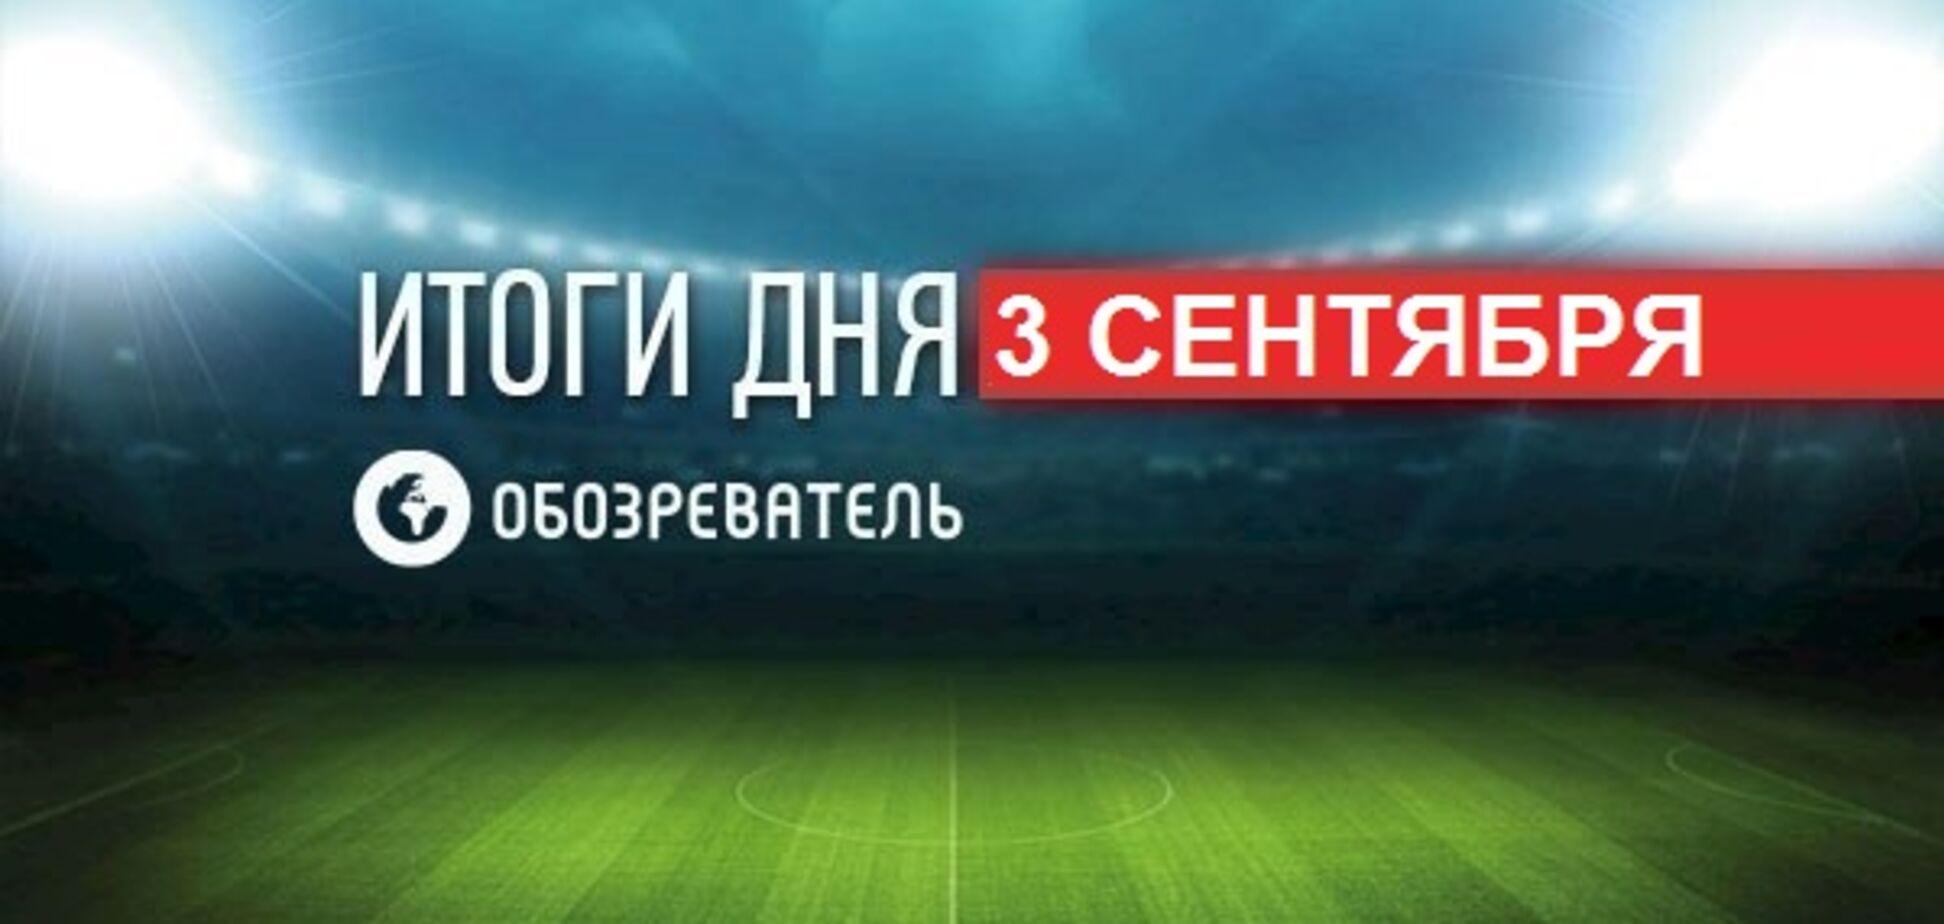 З'явилися подробиці голою провокації на матчі Україна - Туреччина: спортивні підсумки 3 вересня